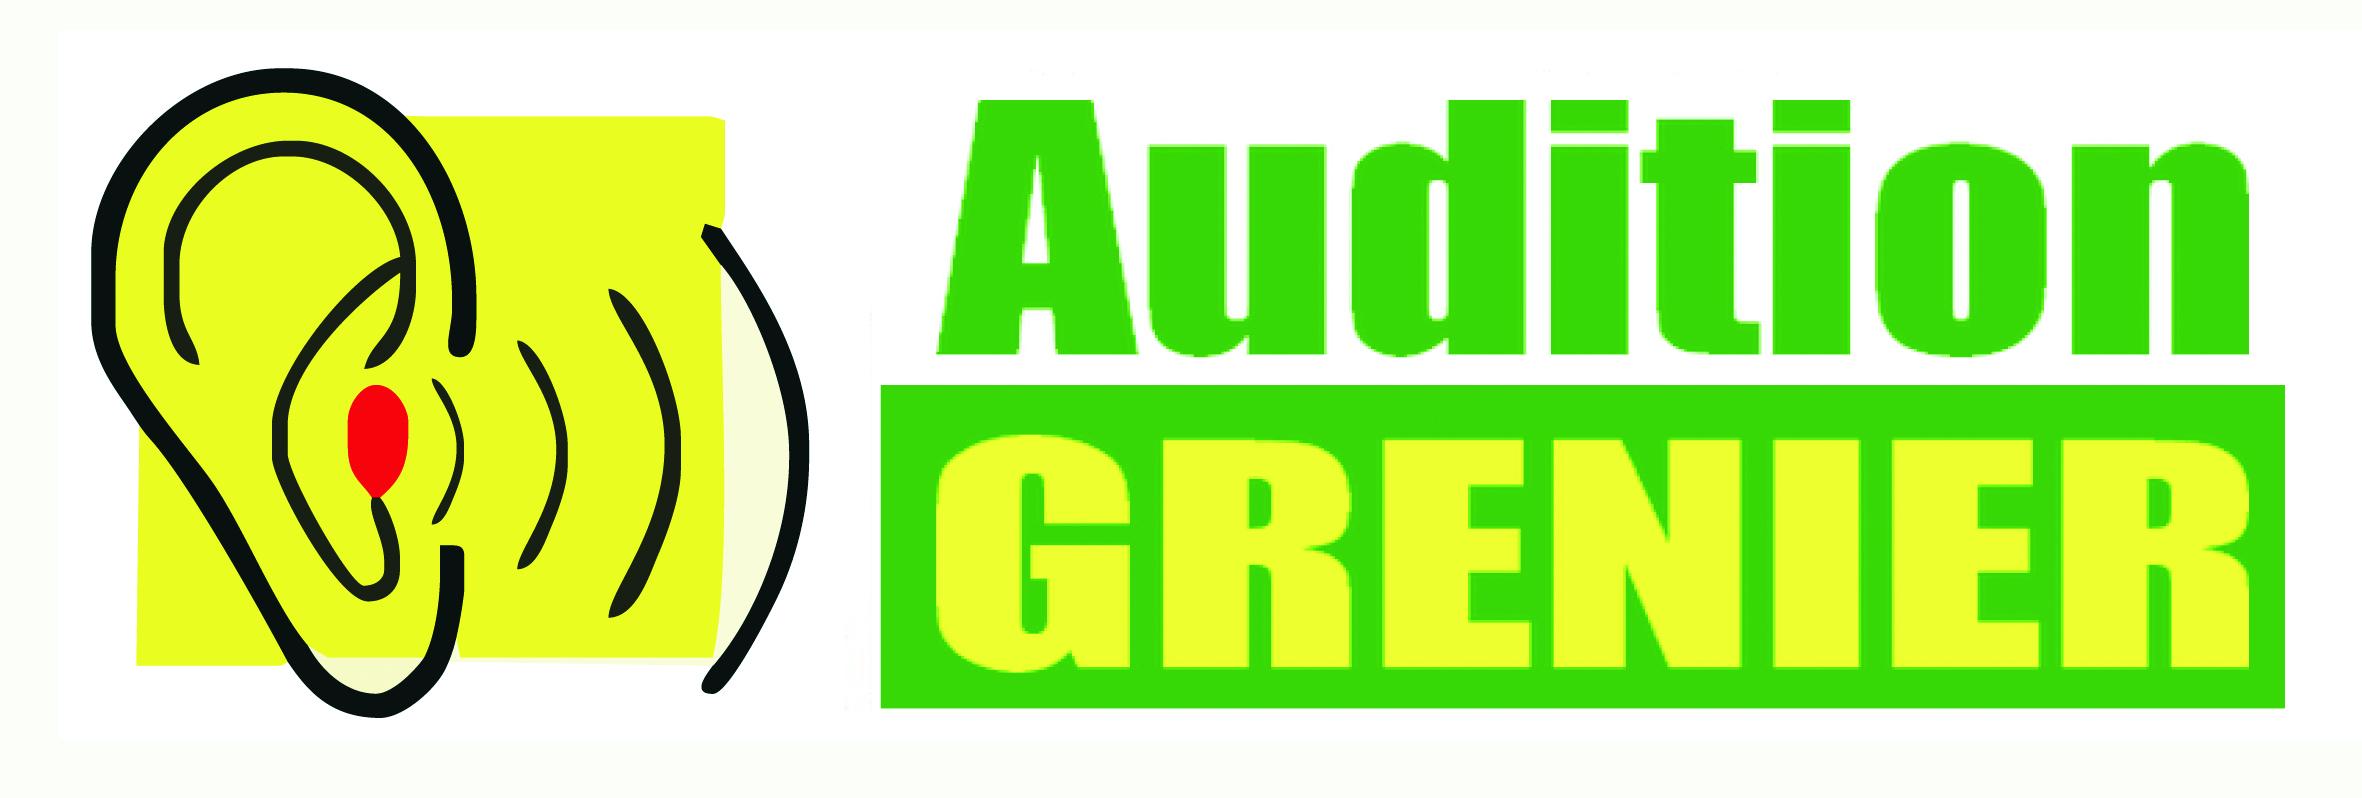 audioprothesistes toulouse Études / formation pour devenir audioprothésiste pour exercer le métier d'audioprothésiste, il faut être titulaire du diplôme d'état (de) correspondant au.